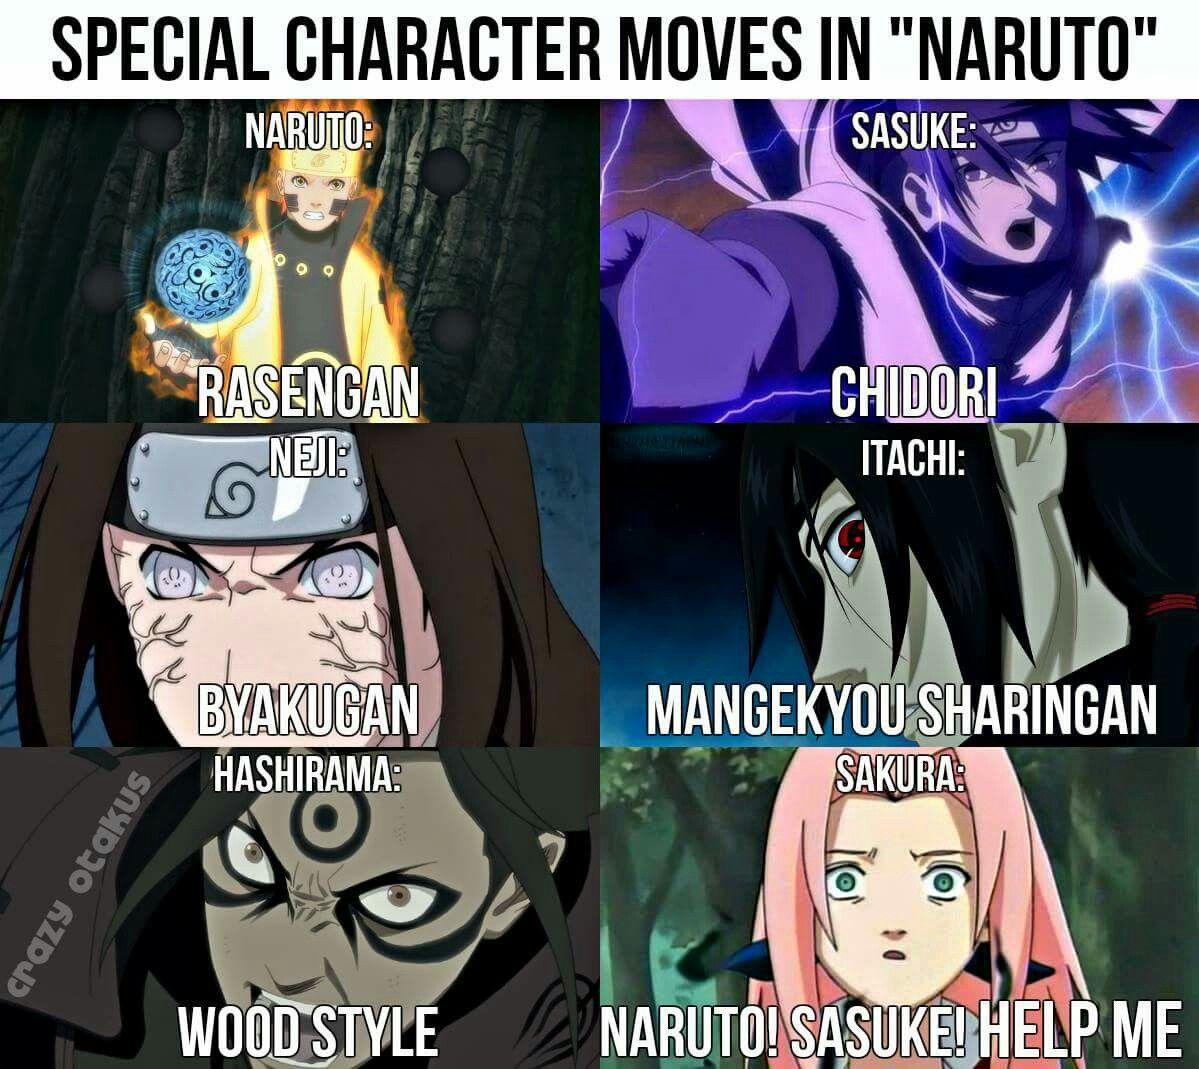 Sakura naruto sasuke and